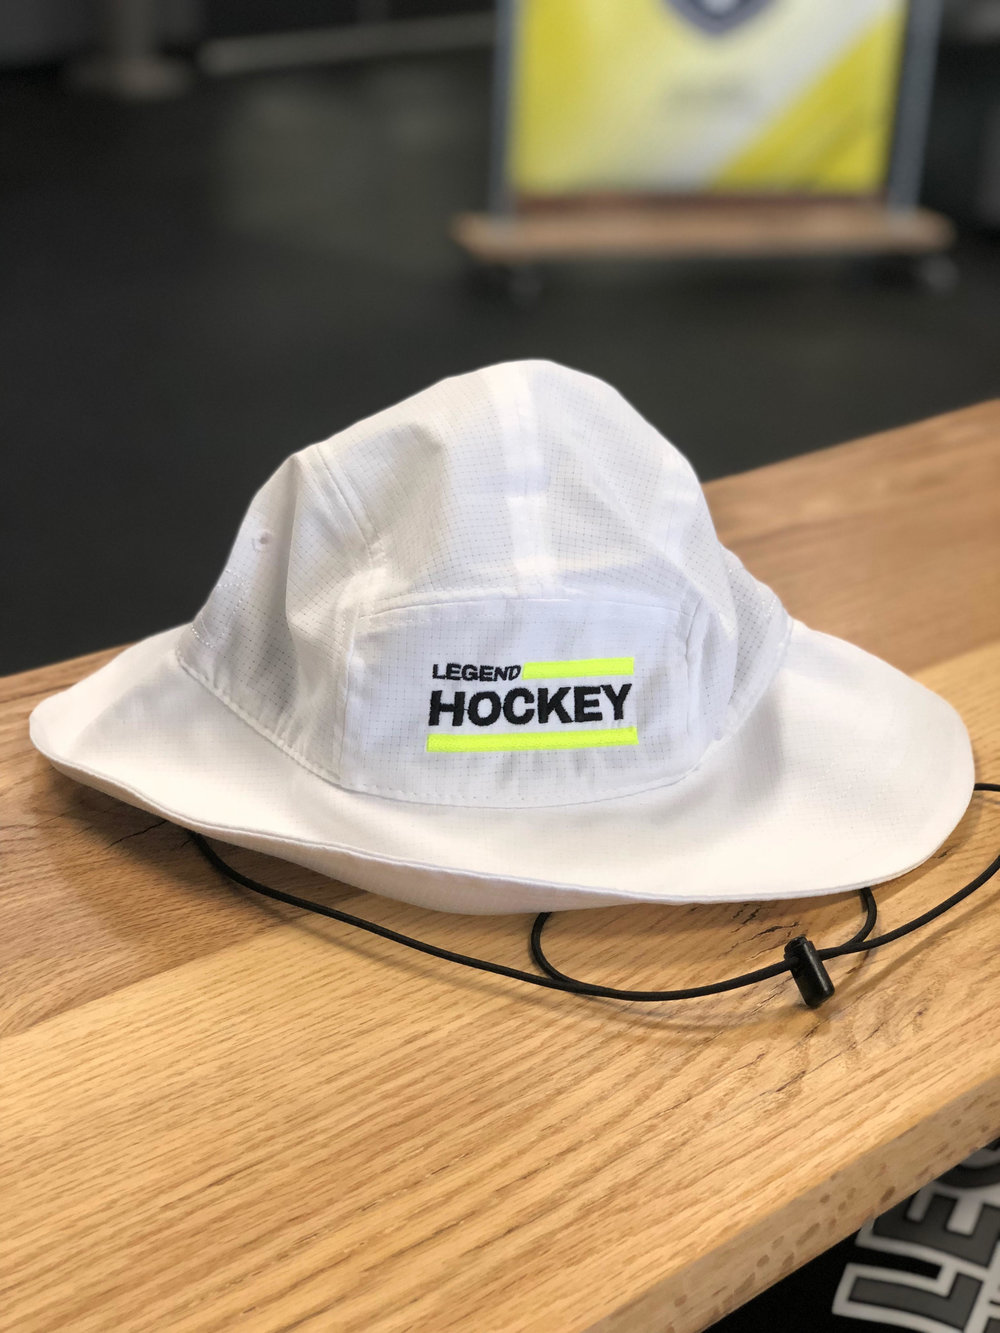 UNDER ARMOUR TEAM WARRIOR BUCKET HAT - MEN S — Legend Hockey dabfdcf5532